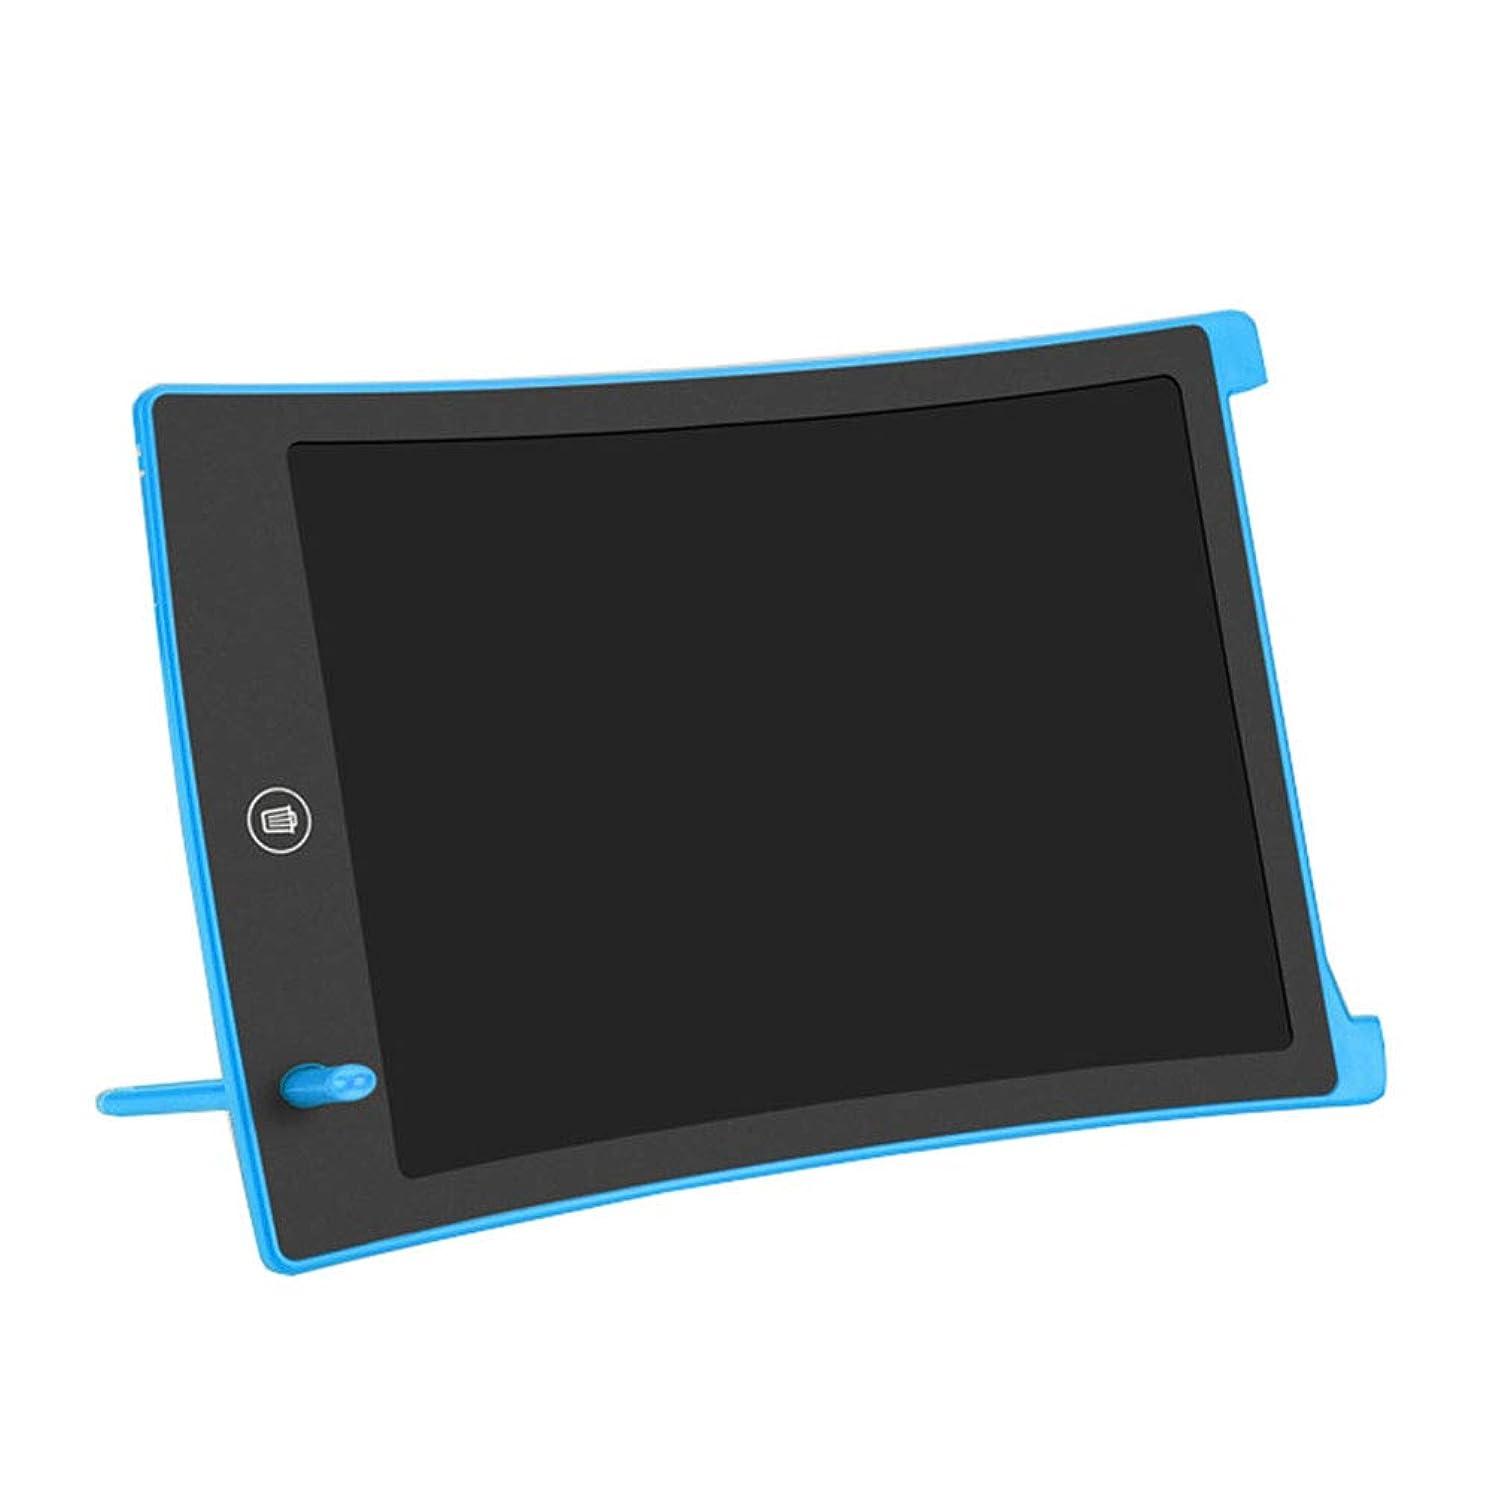 悲しむ発送オーロック8.5インチの子供の携帯電子書き込み落書き塗装板、リング保護眼、ワンクリックで削除